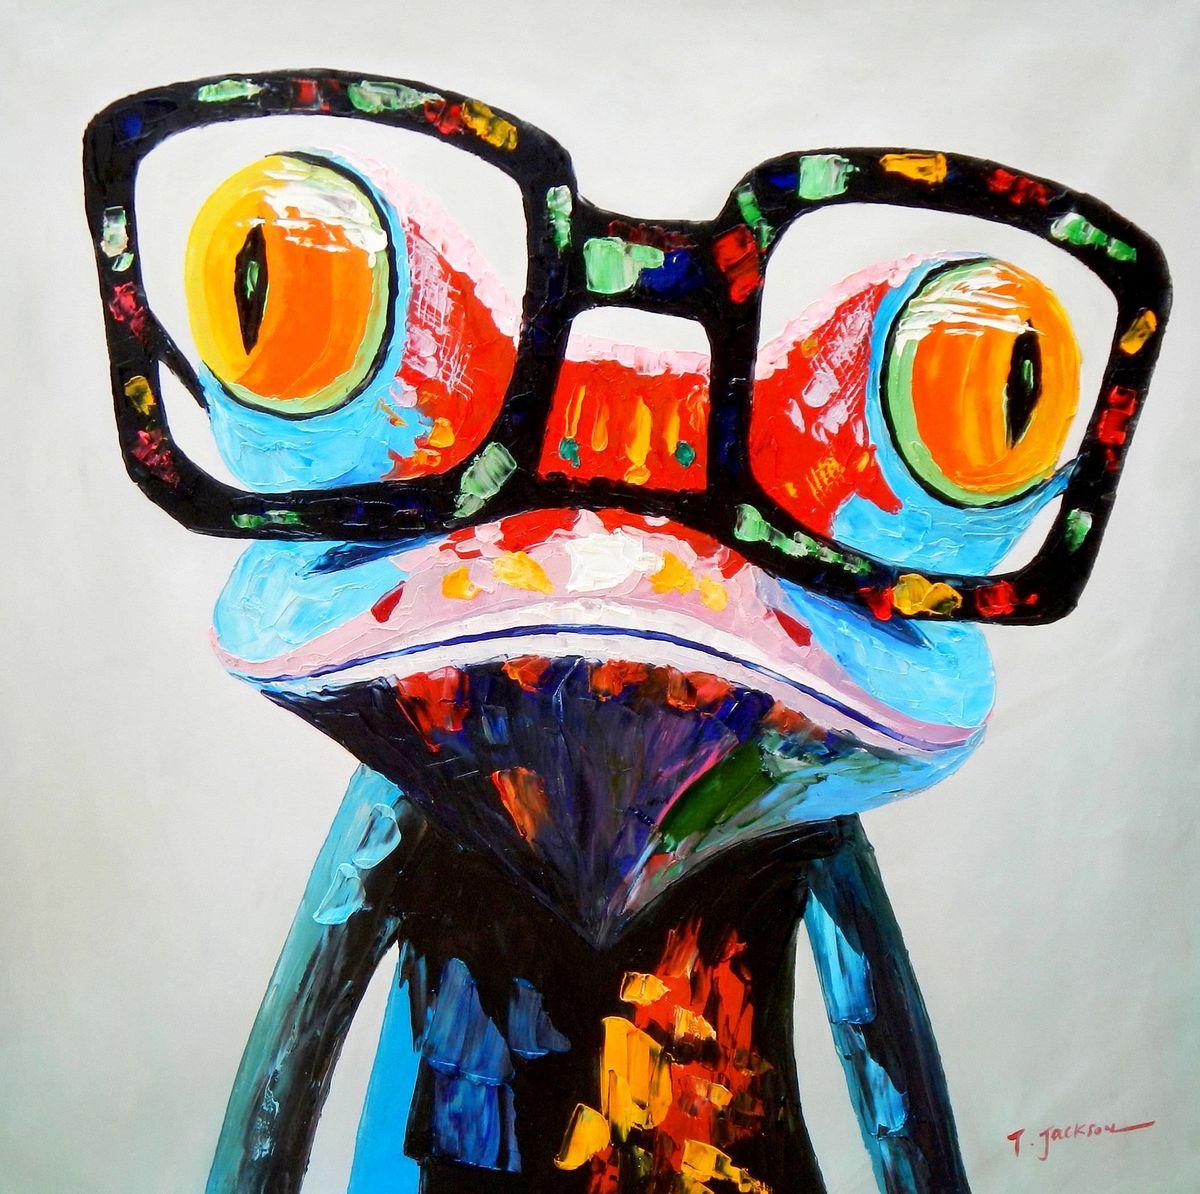 Modern Art - Woody der Frosch h96291 90x90cm fantastisches Ölbild